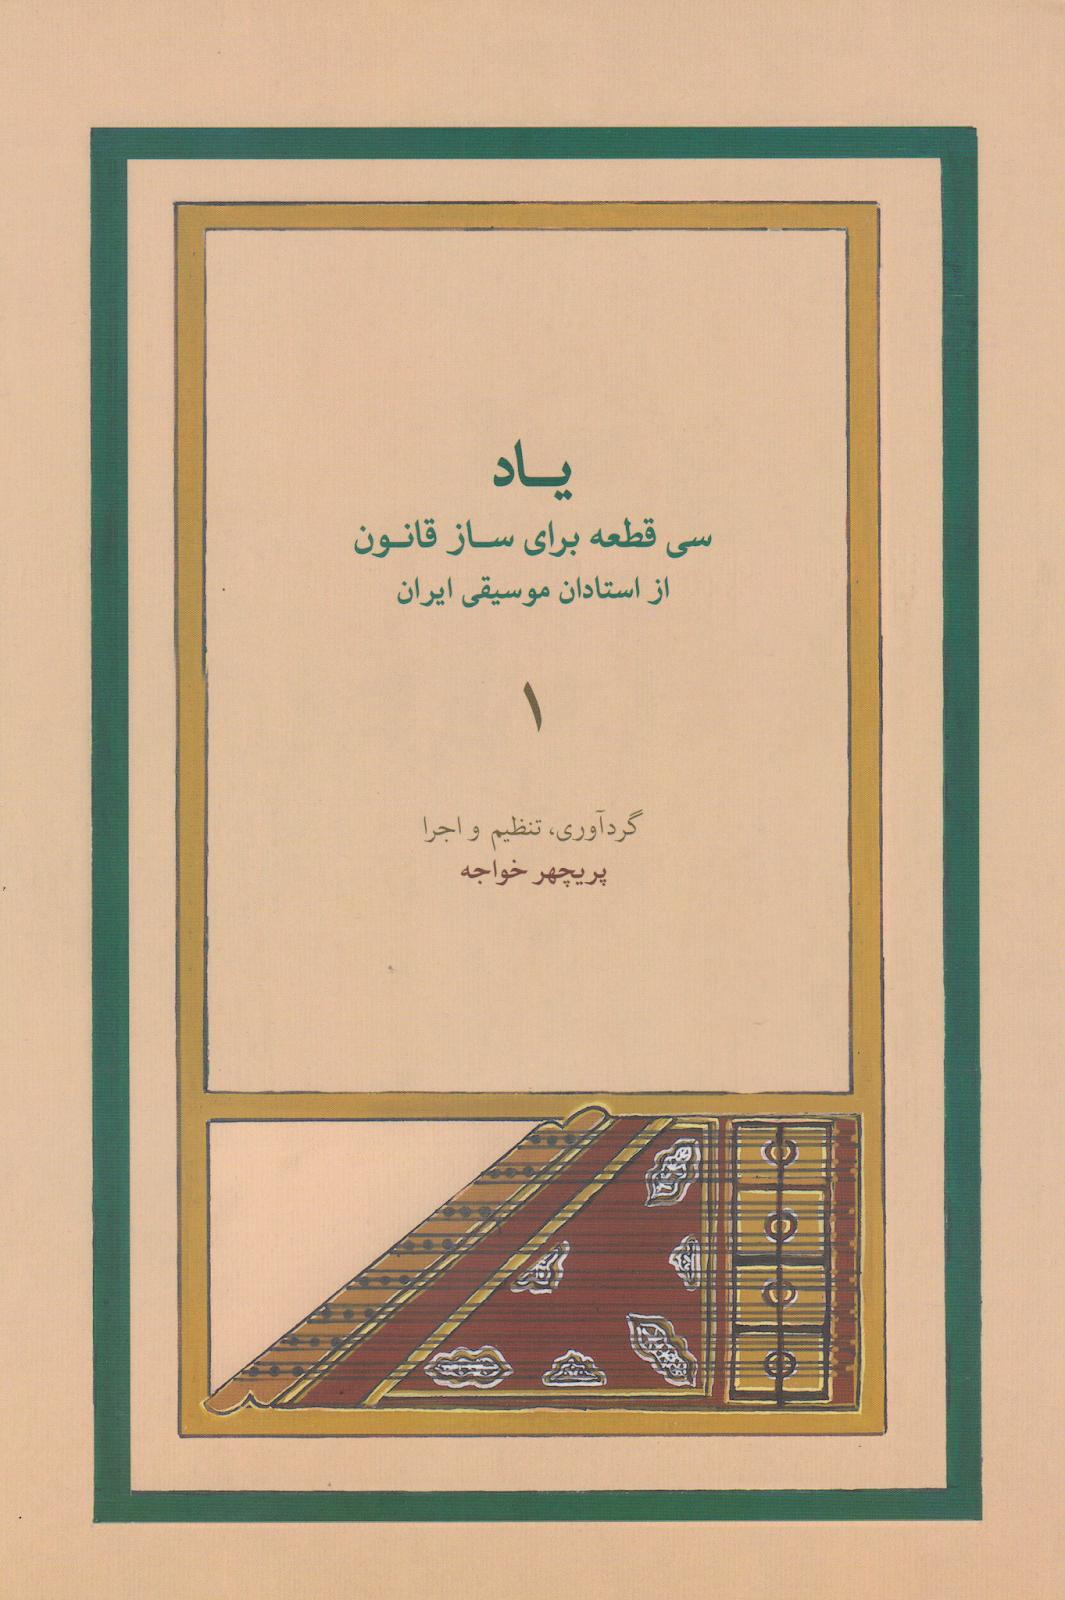 کتاب جلد یک یاد سیقطعه برای ساز قانون پریچهر خواجه انتشارات ماهور